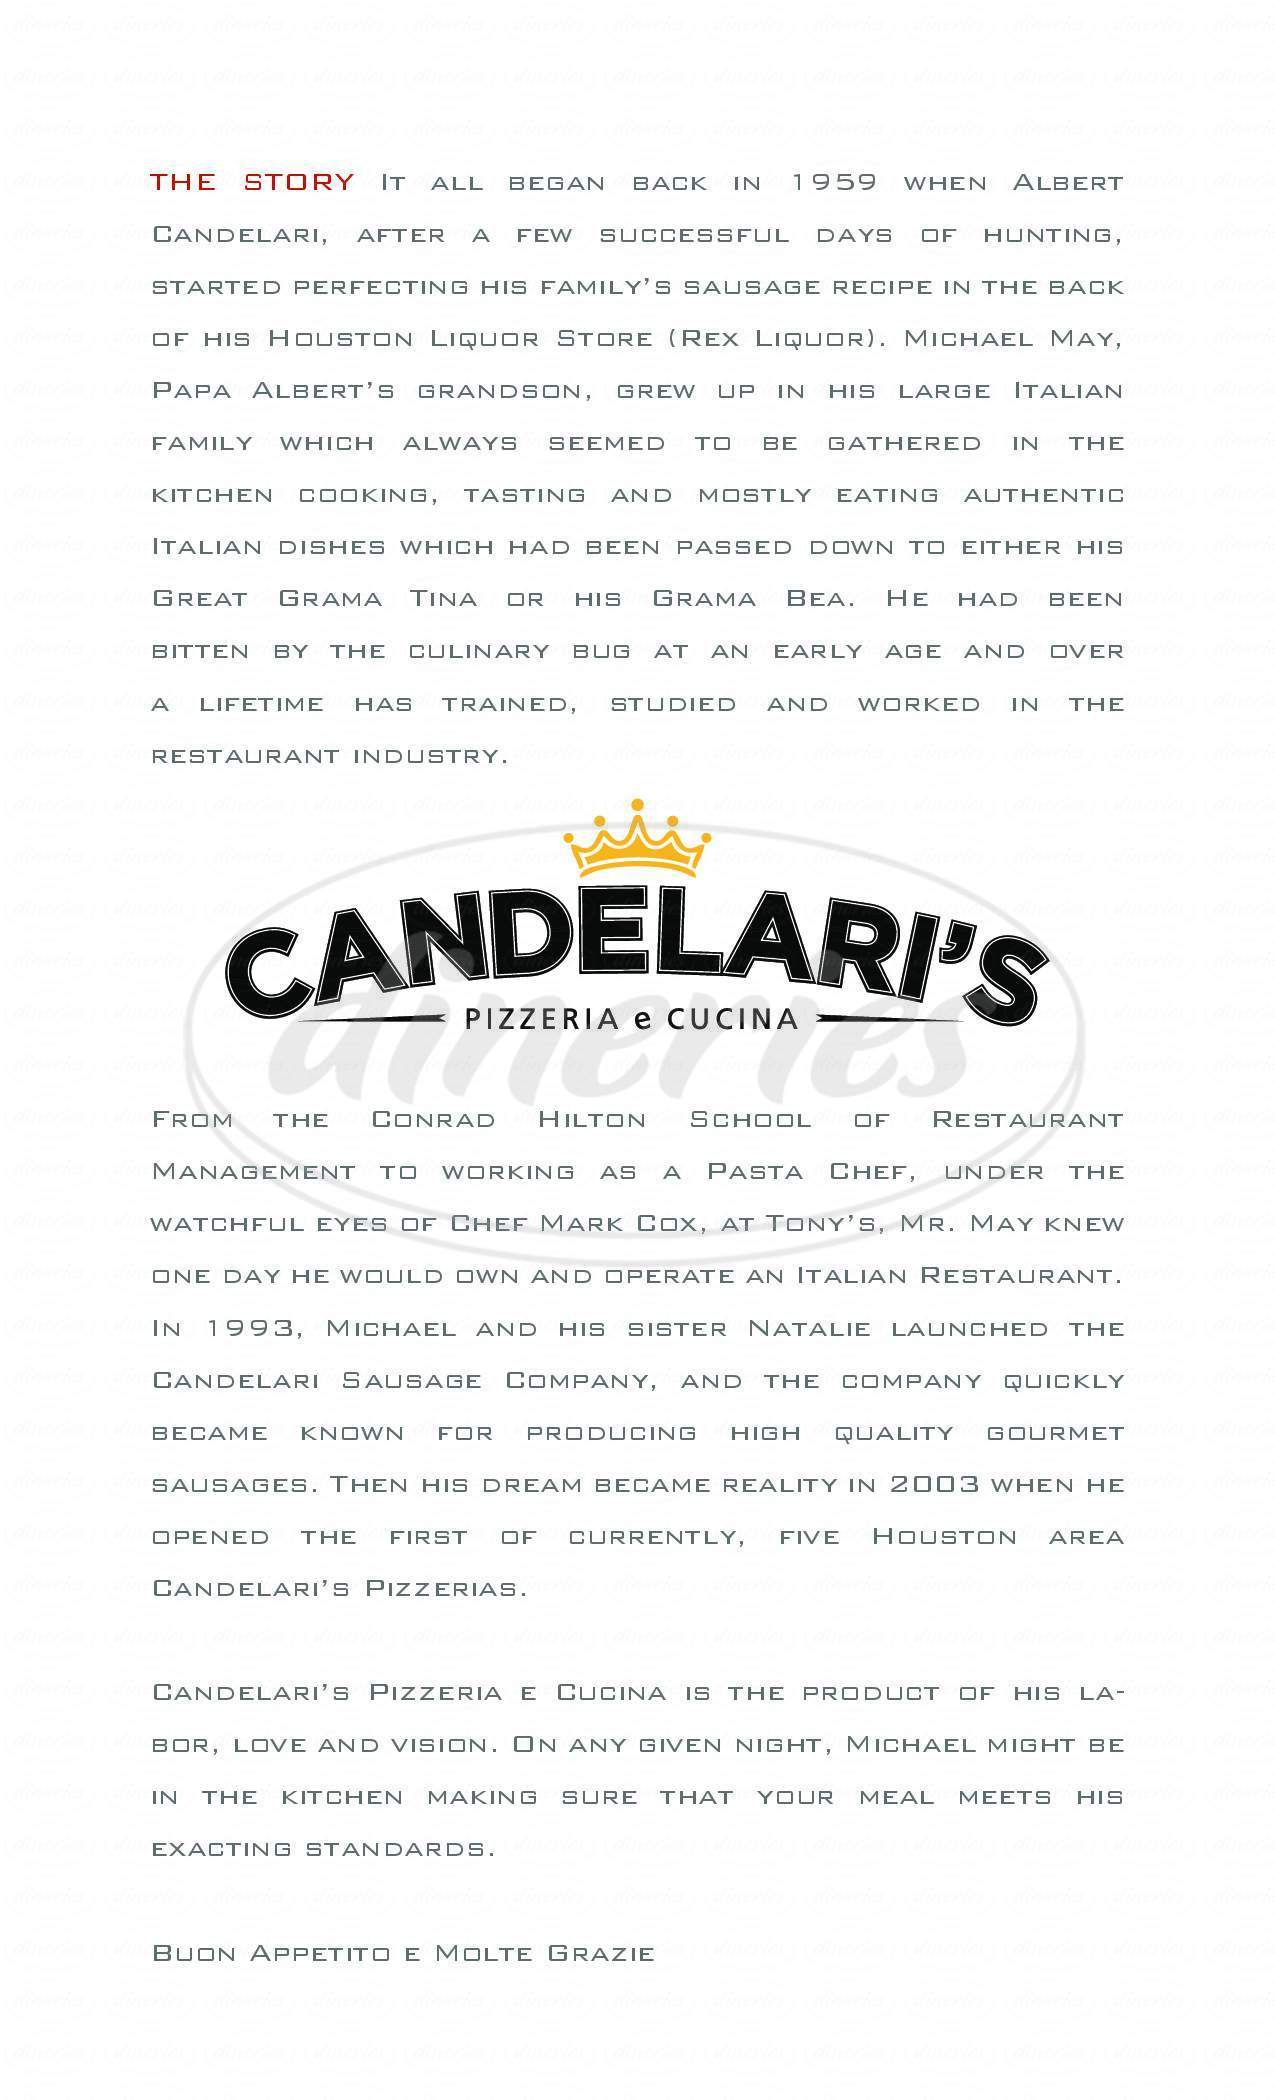 menu for Candelari's Pizzeria